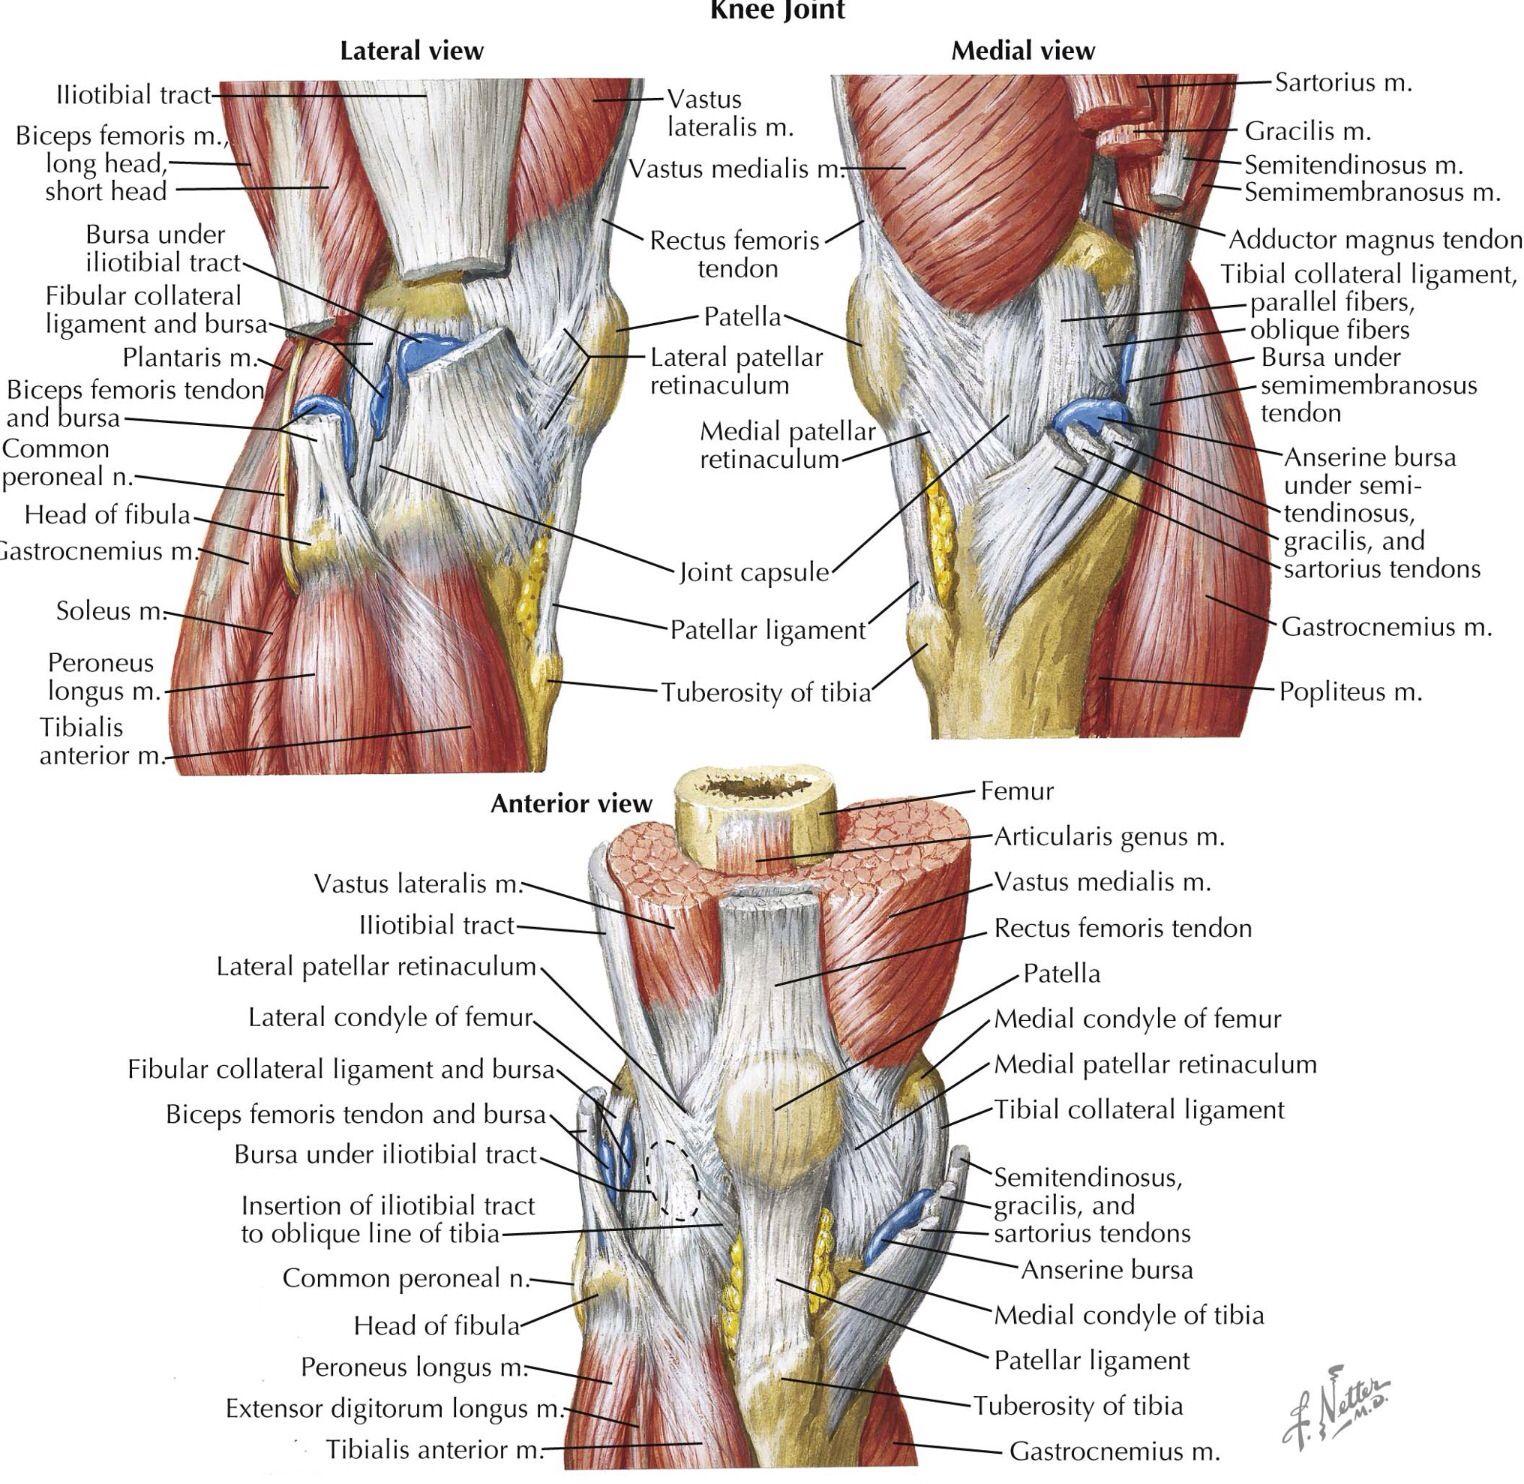 Multiple aspects of the knee - Netter | Anatomy | Pinterest